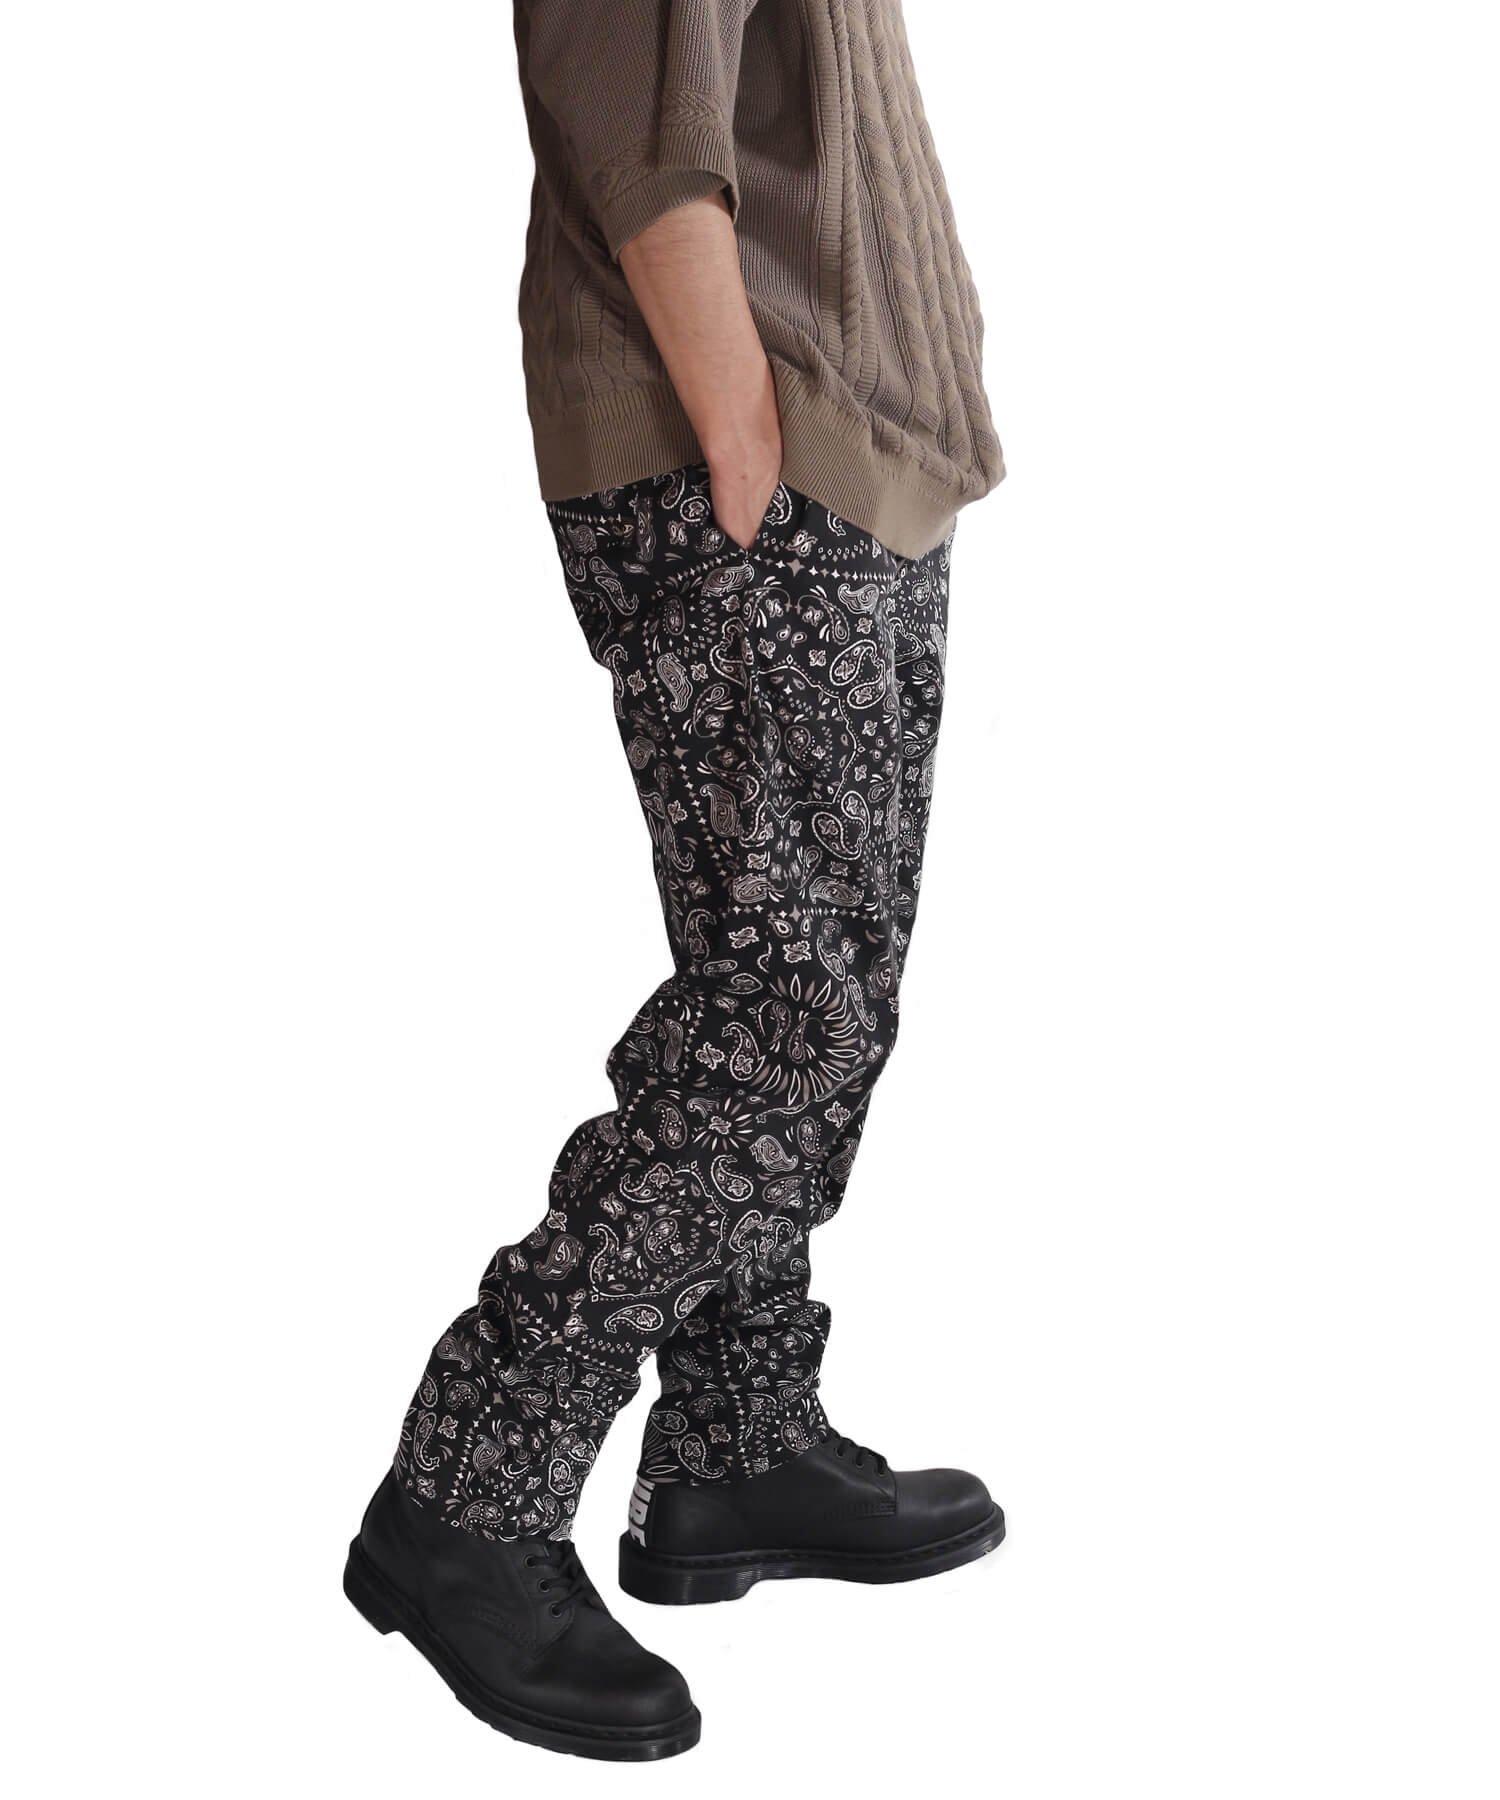 COOKMAN / クックマン   WAITER'S PANTS (PAISLEY BLACK):ウェイターズパンツ 商品画像18